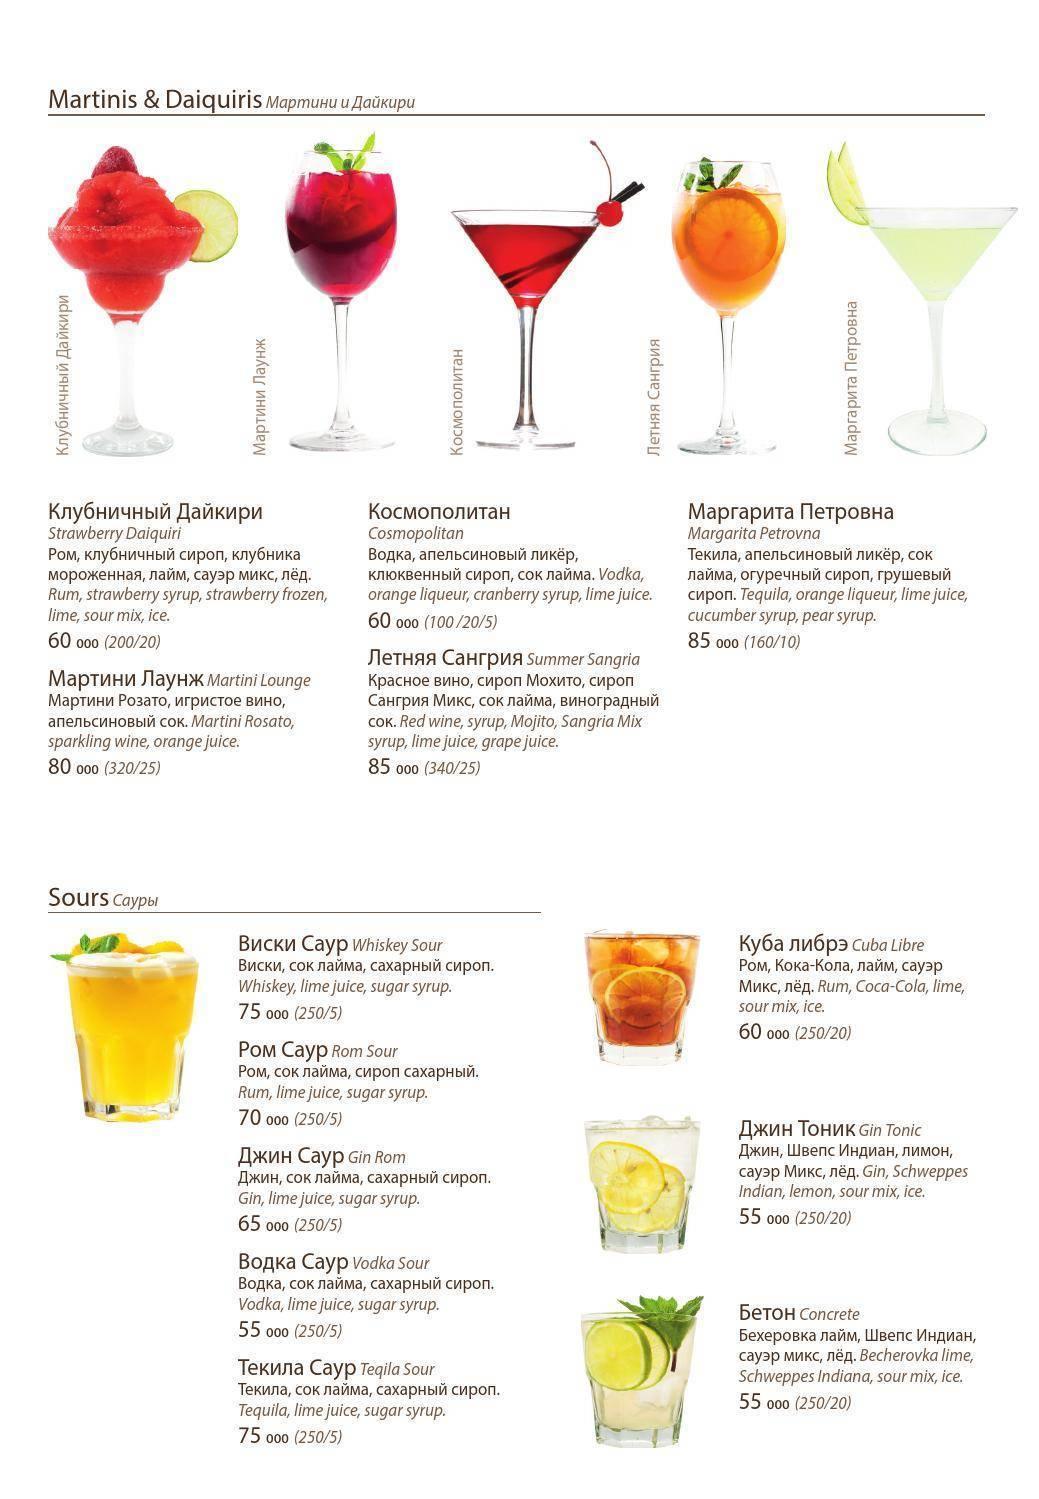 Мартини: как правильно пить и чем закусывать изысканный вермут